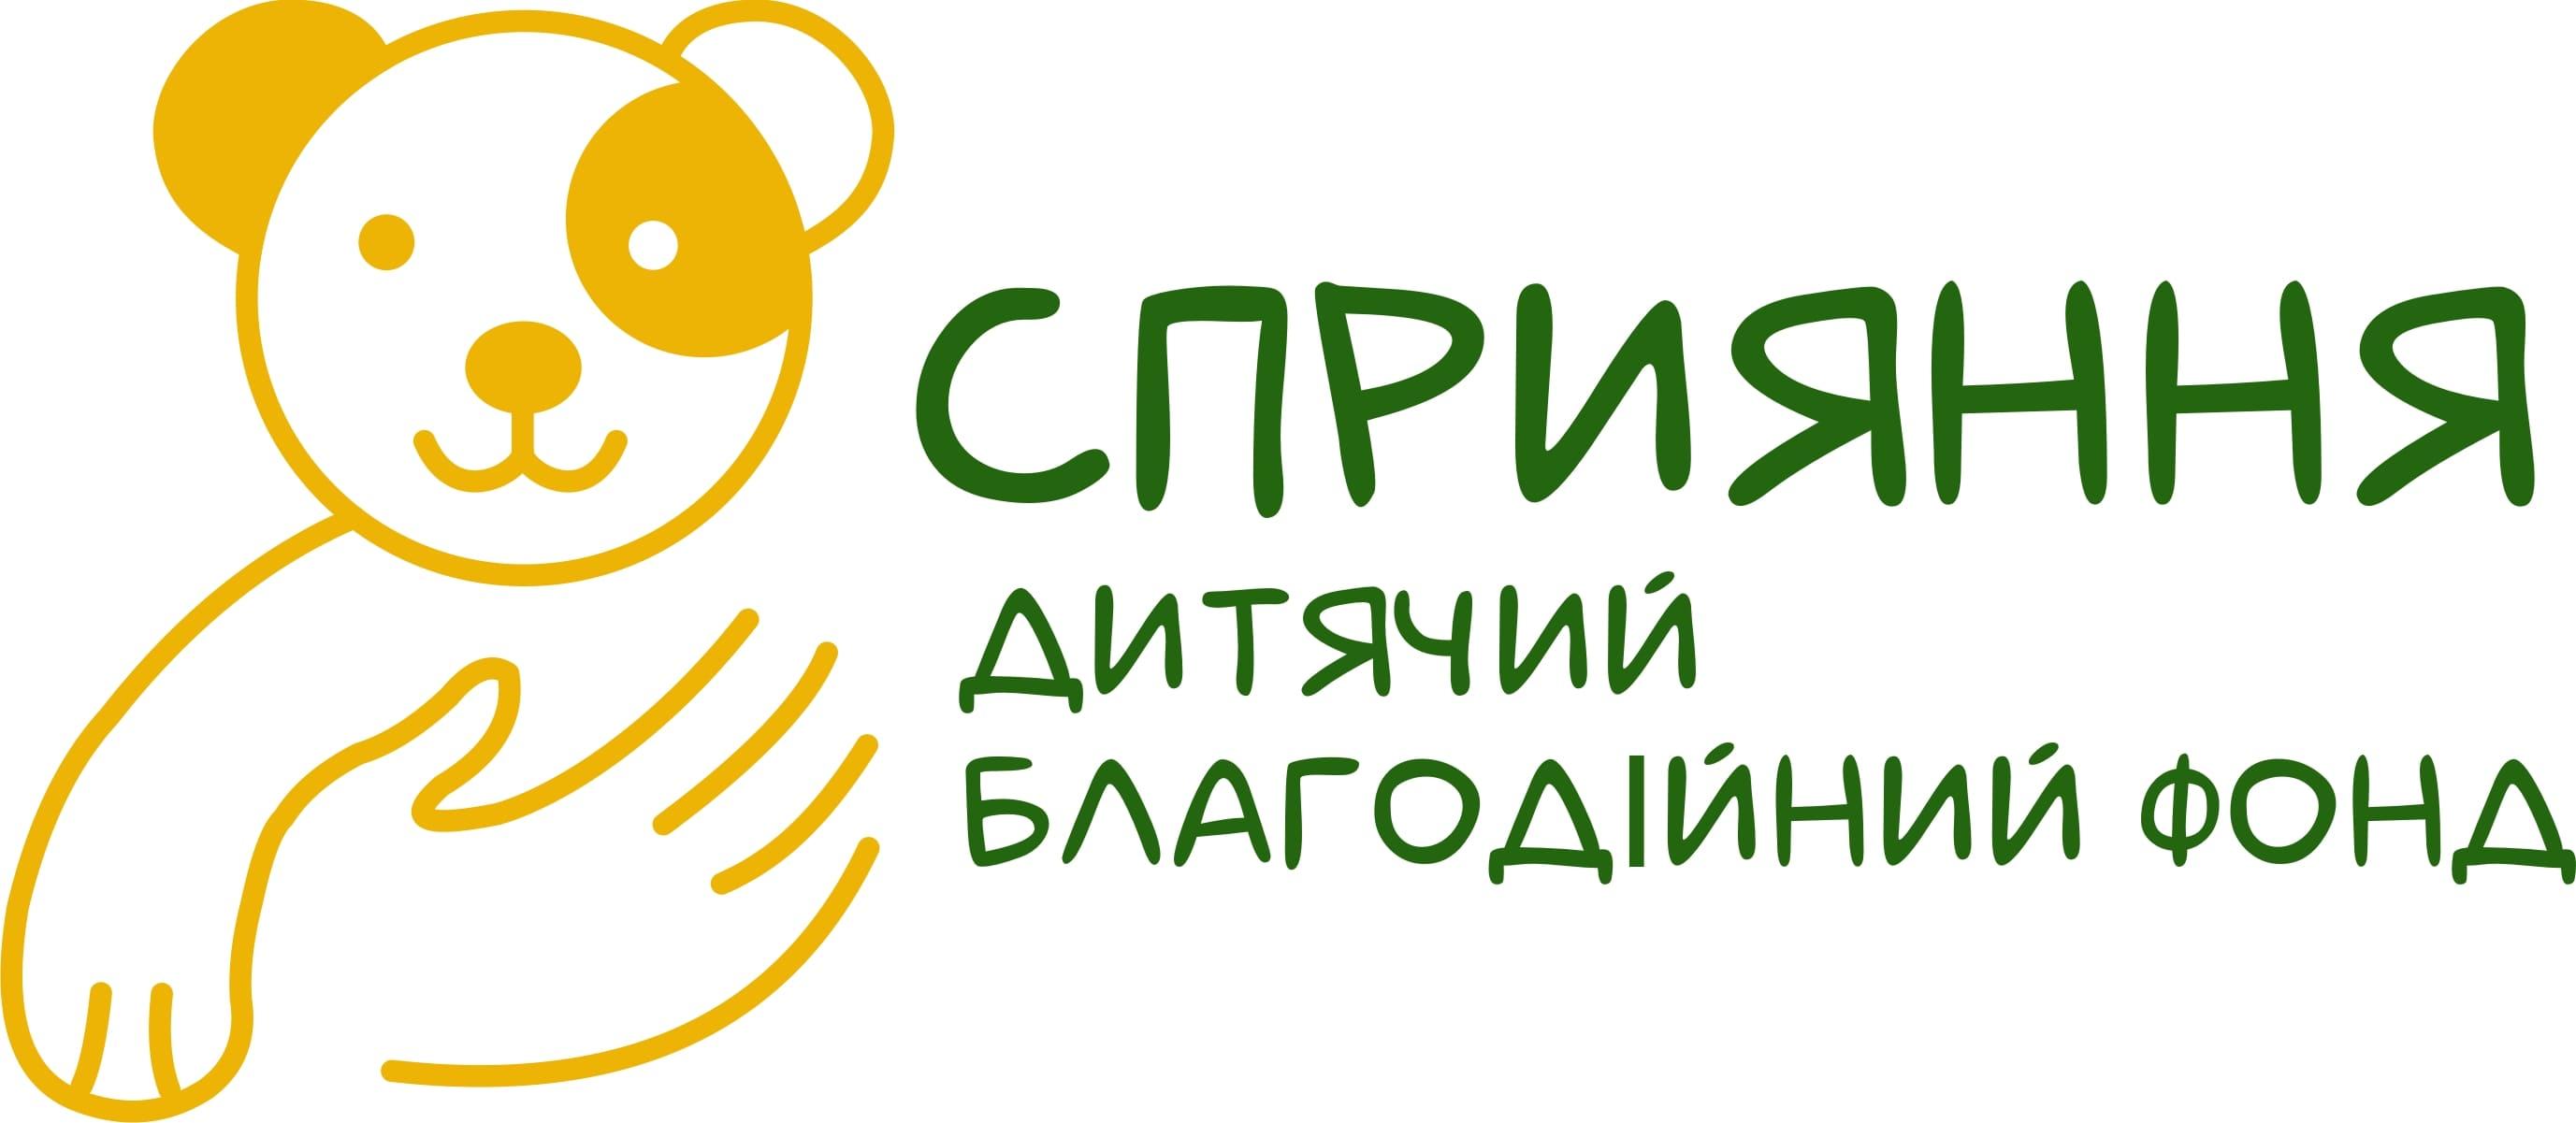 """Детский Благотворительный Фонд """"Содействие"""""""